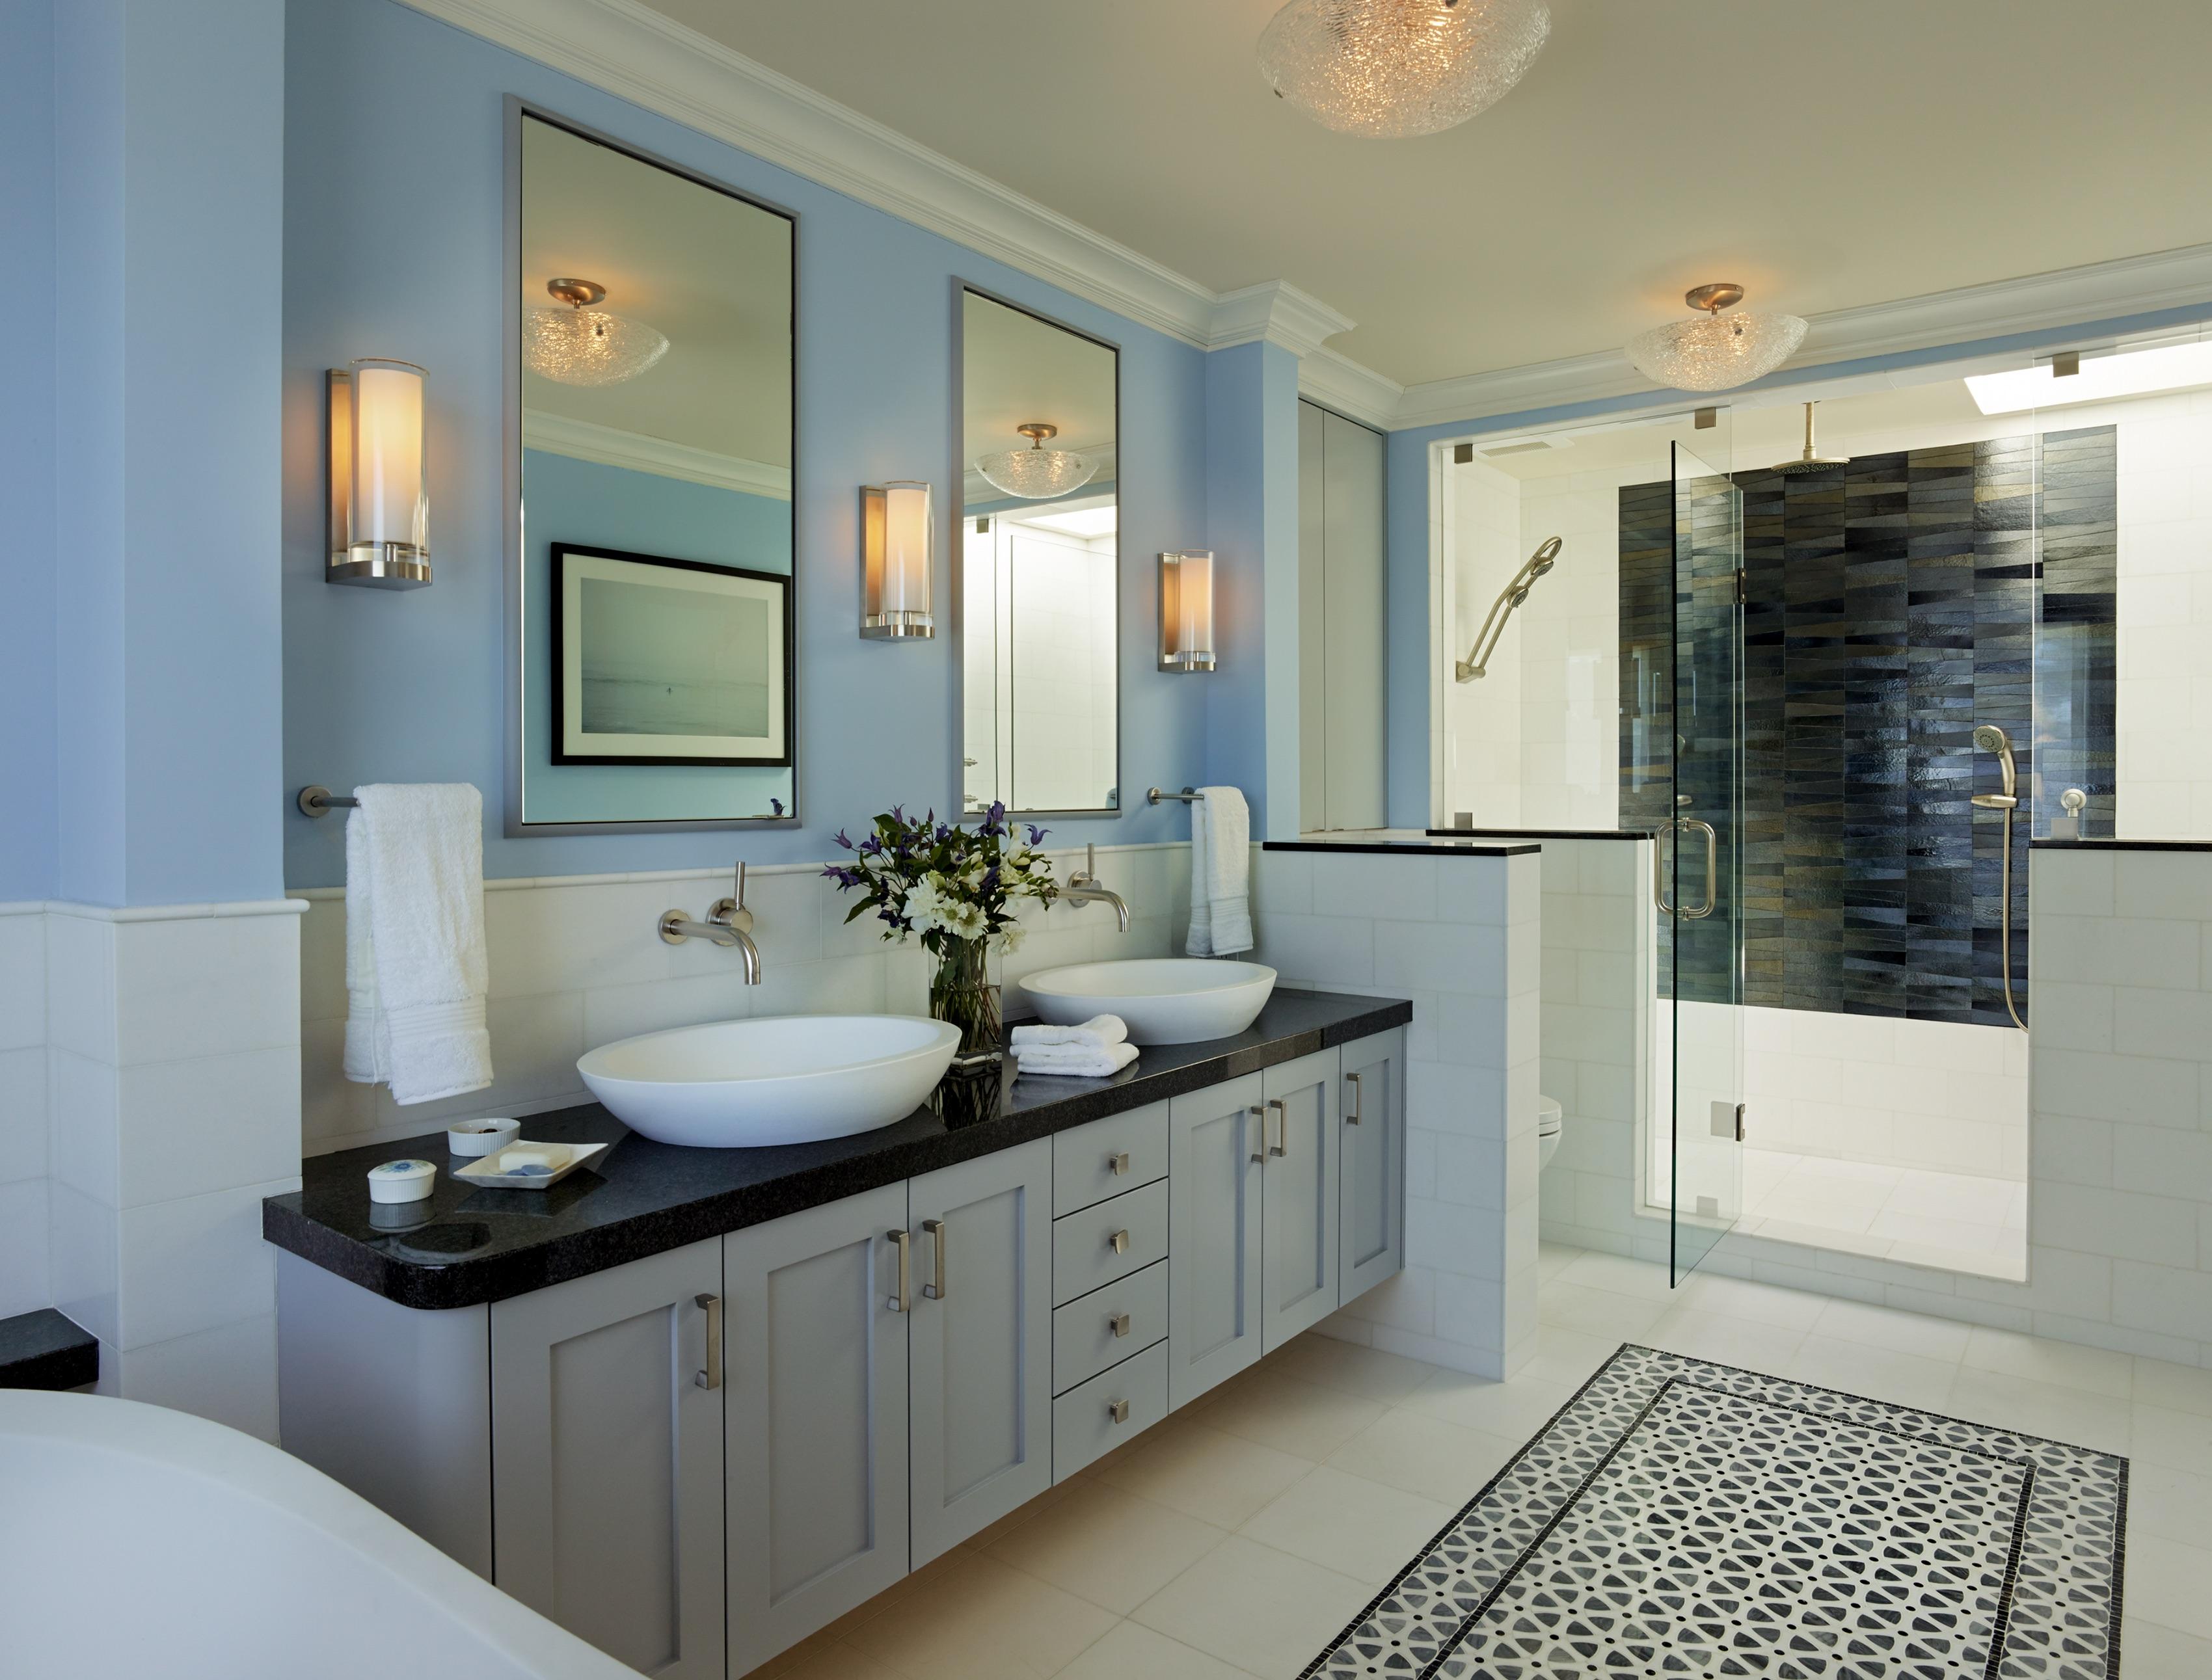 Laurel Heights Home_Kathy Best Design_19